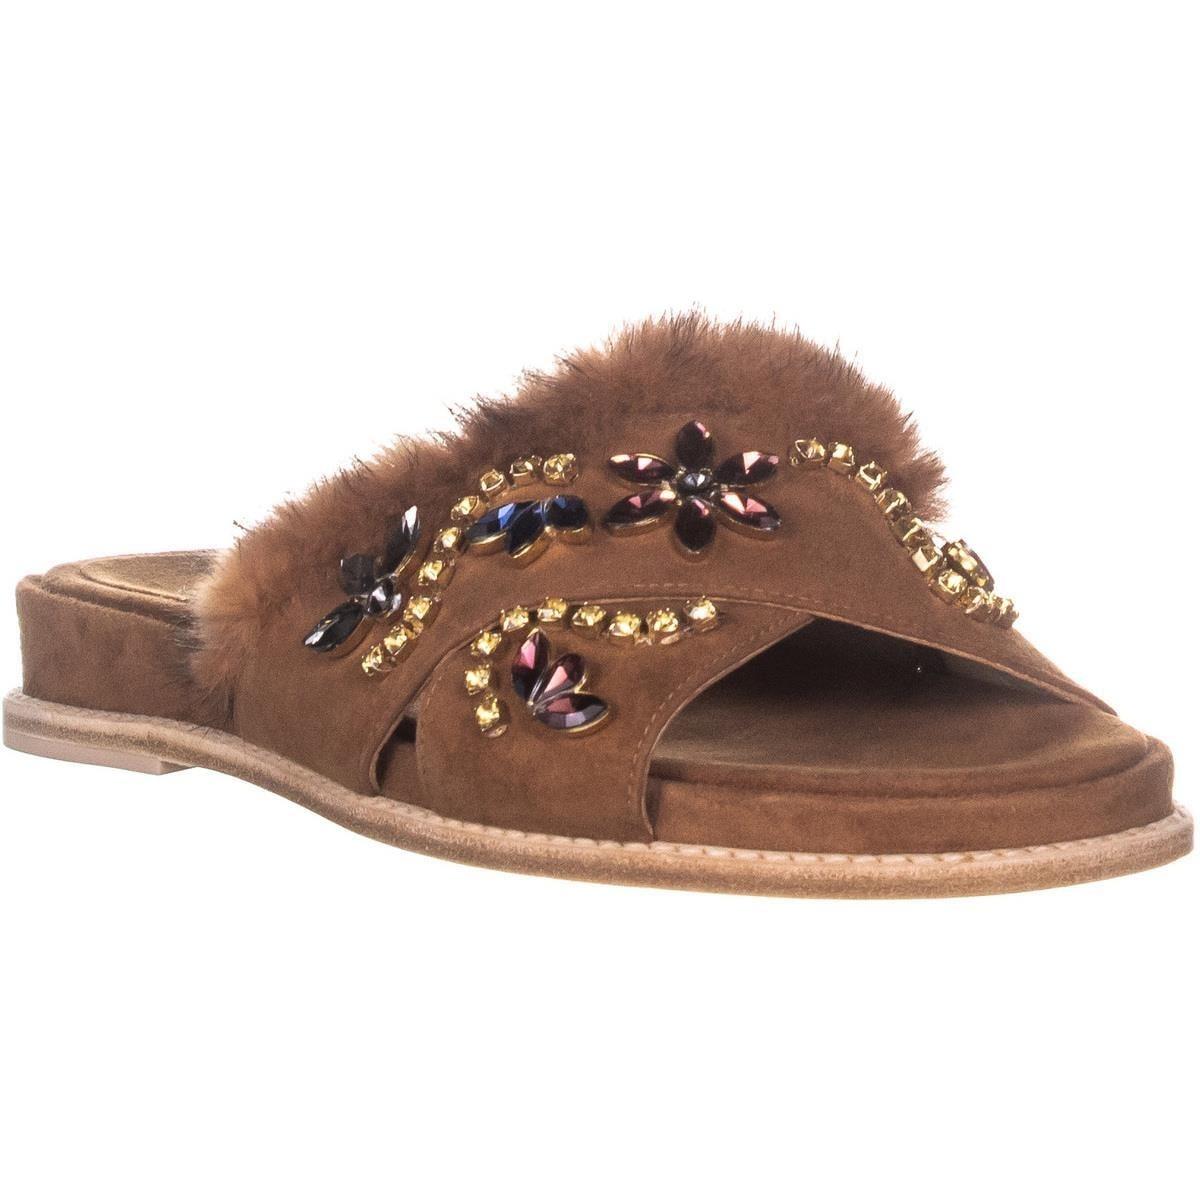 46007faa863 Stuart Weitzman Women s Shoes